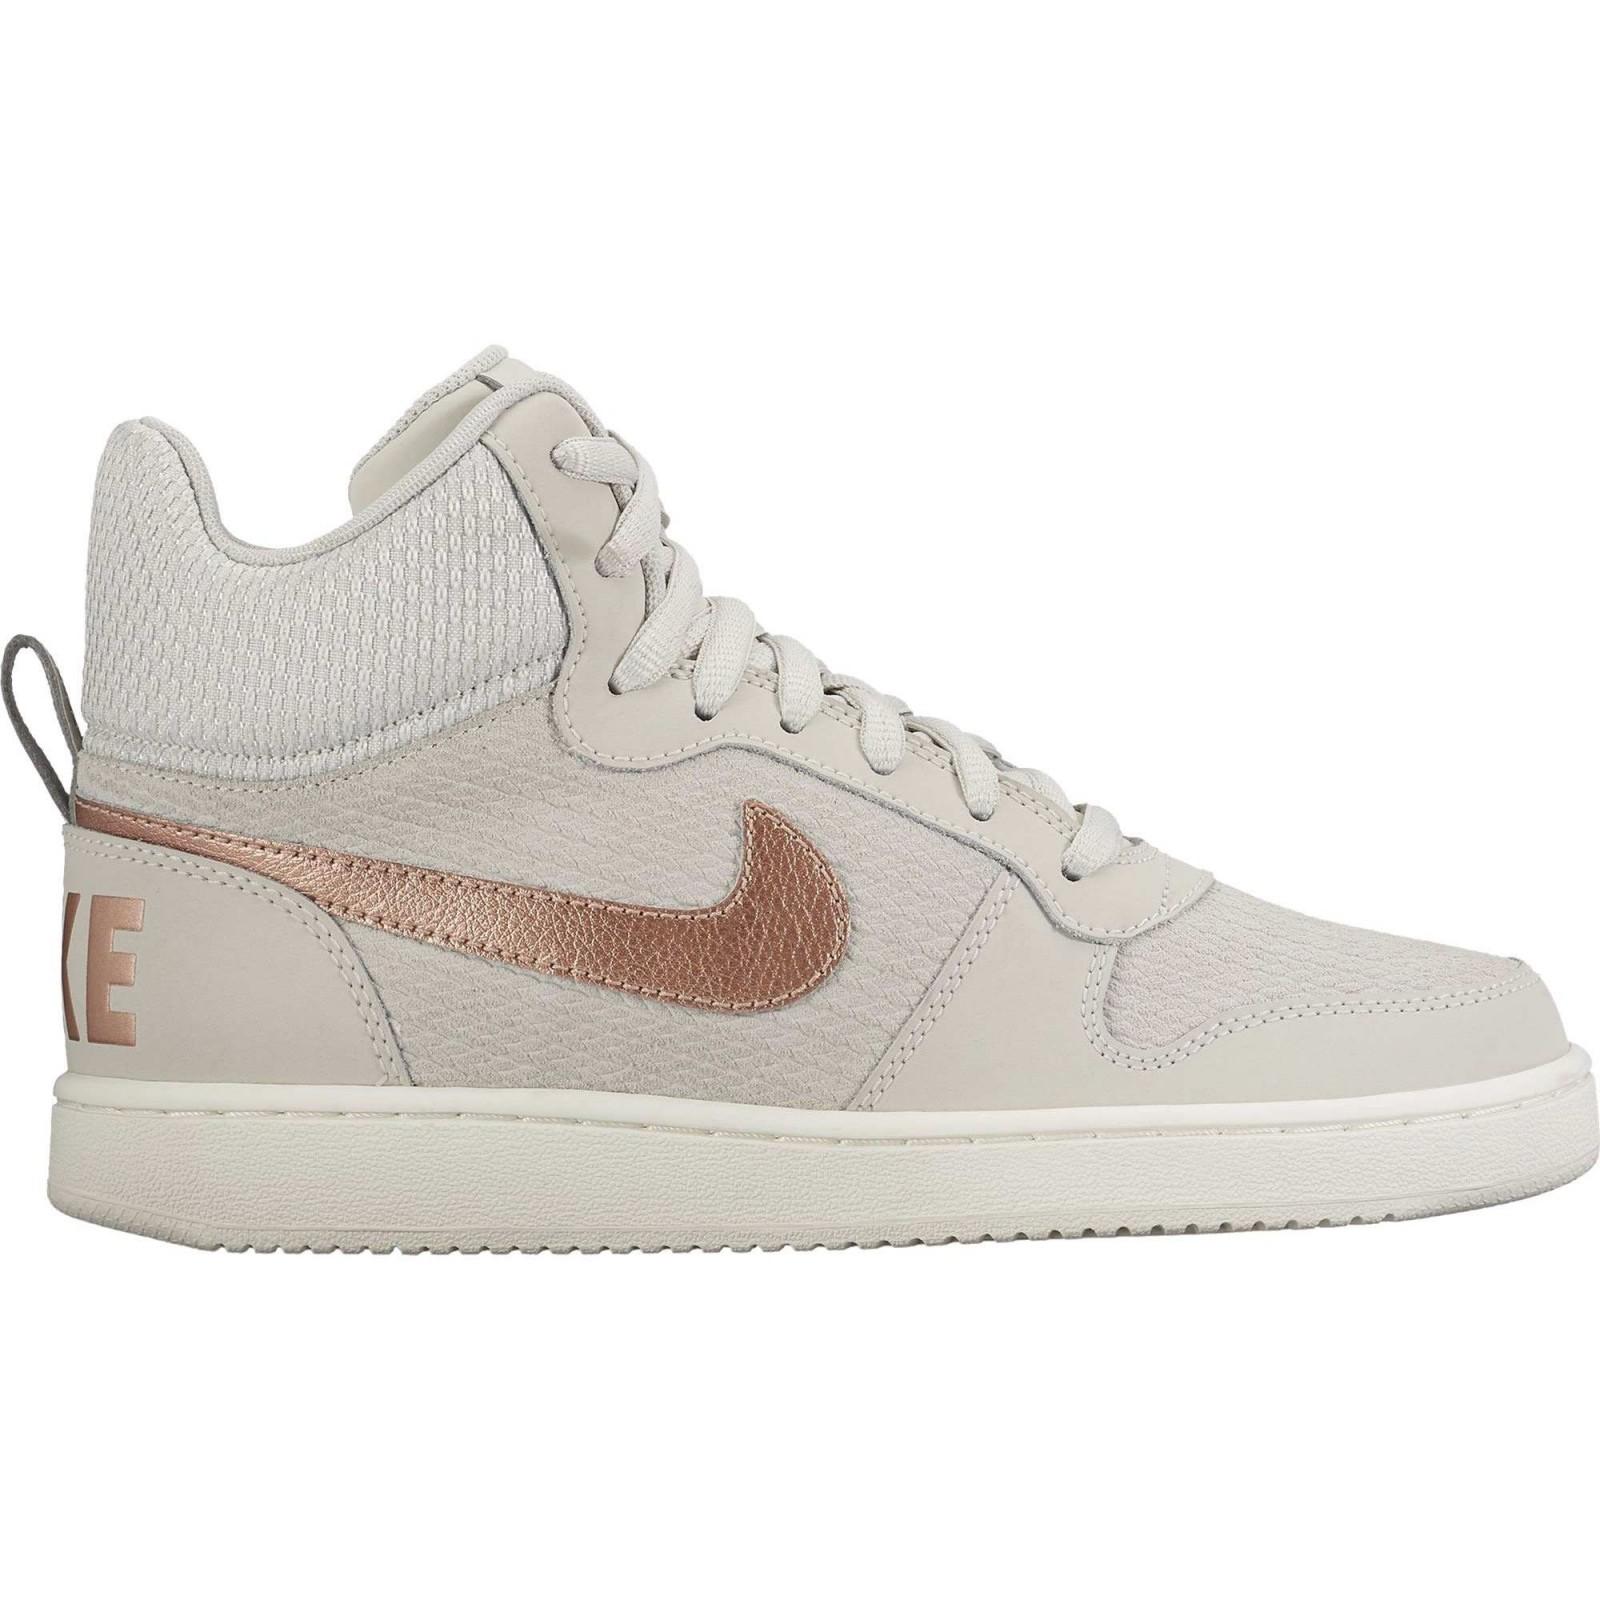 3220d219d Dámské tenisky Nike W COURT BOROUGH MID PREM LIGHT BONE/MTLC RED BRONZE-SAI